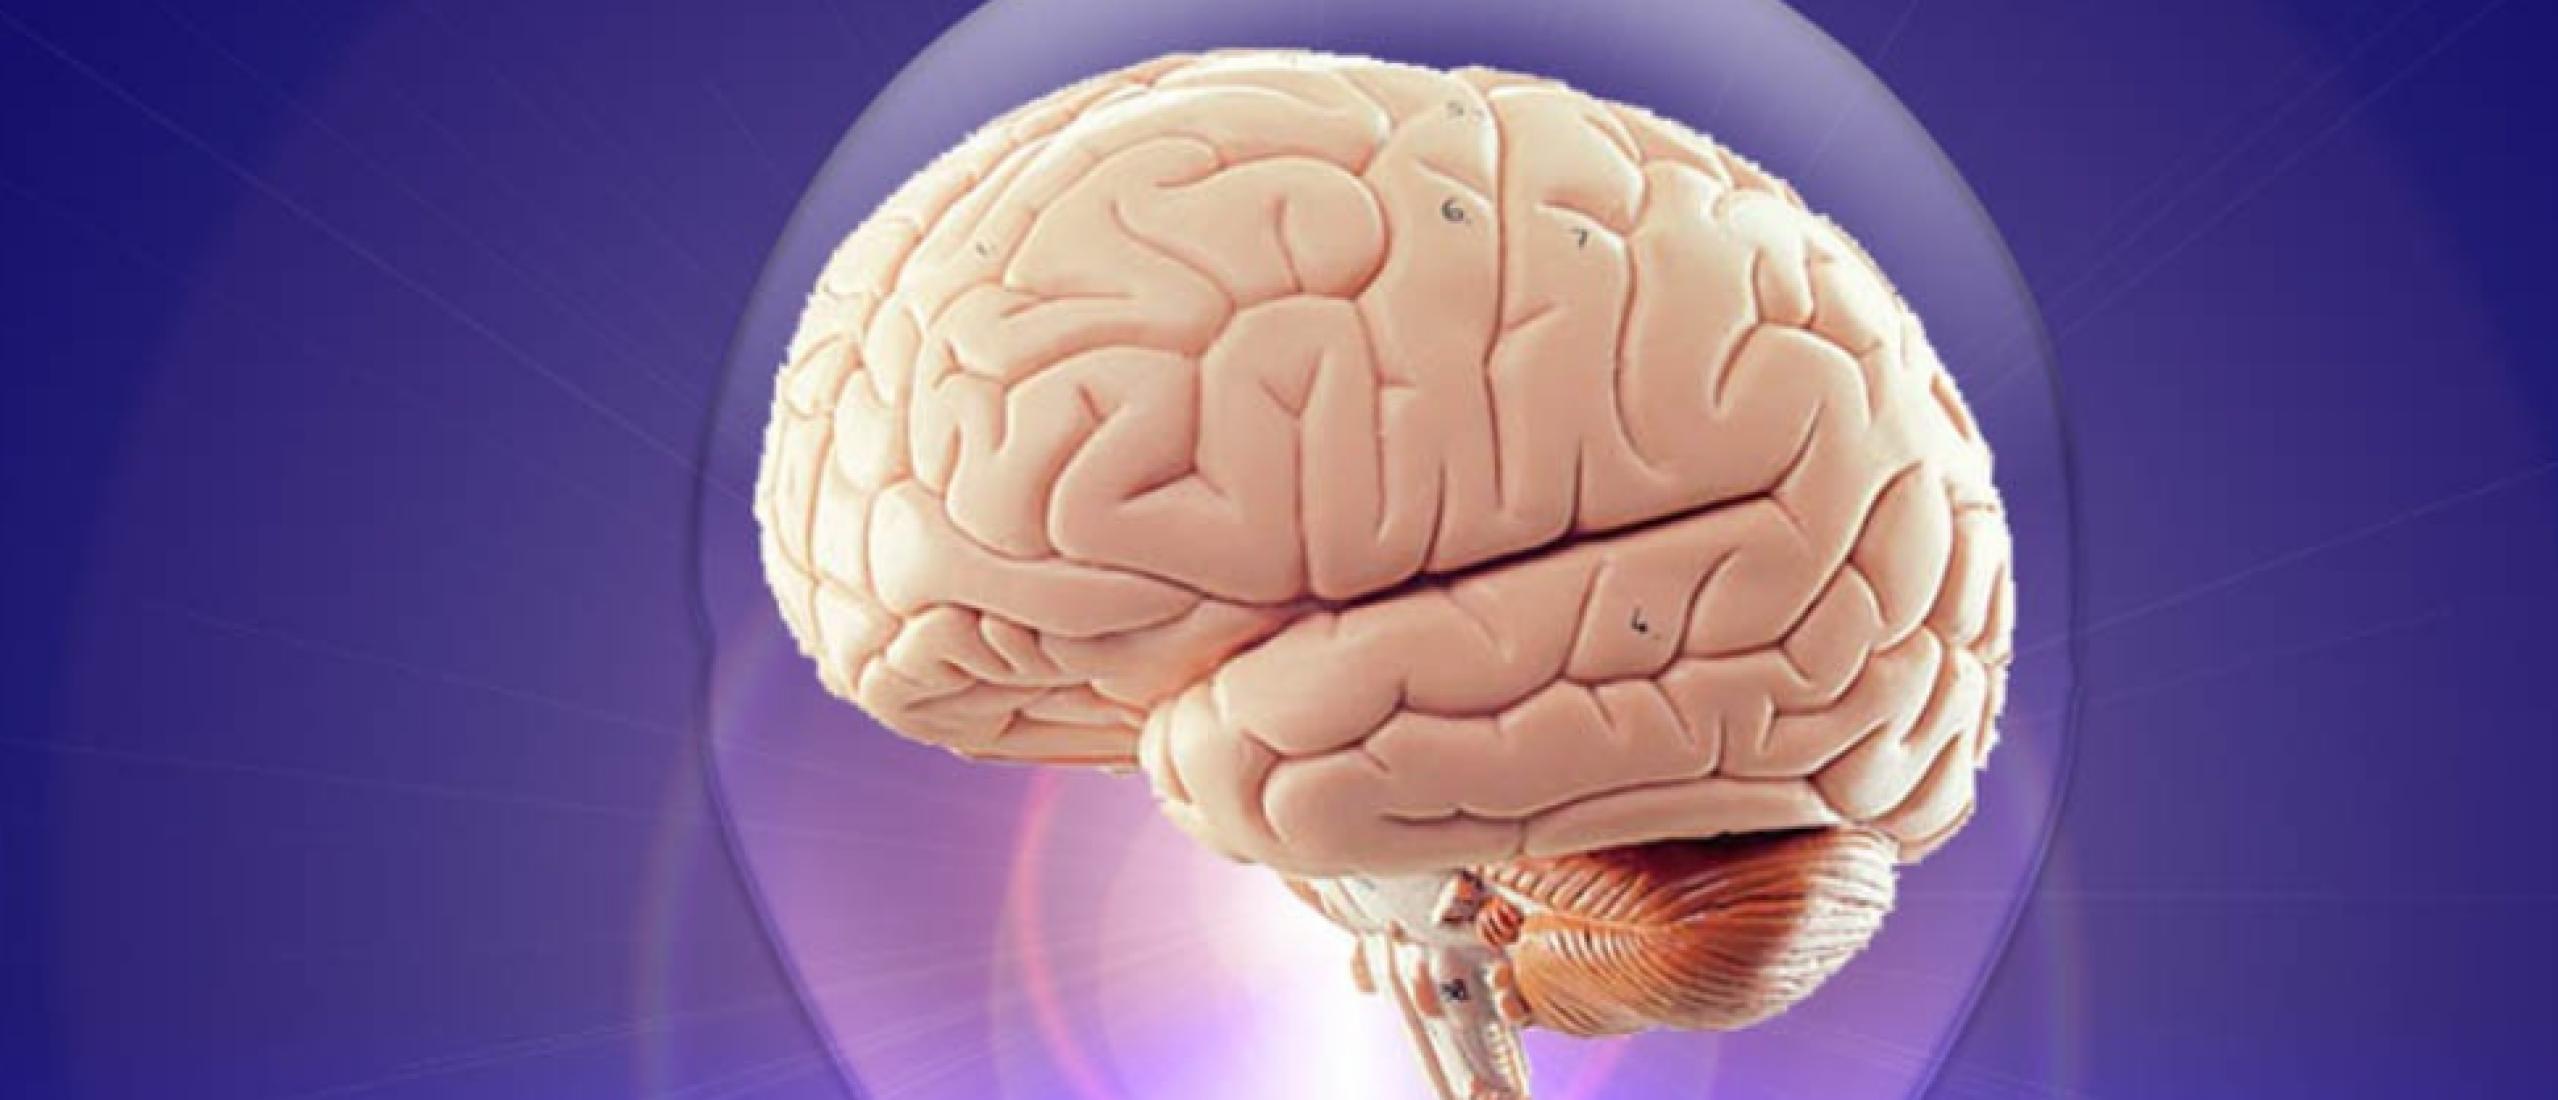 10 tips om goed voor je brein te zorgen